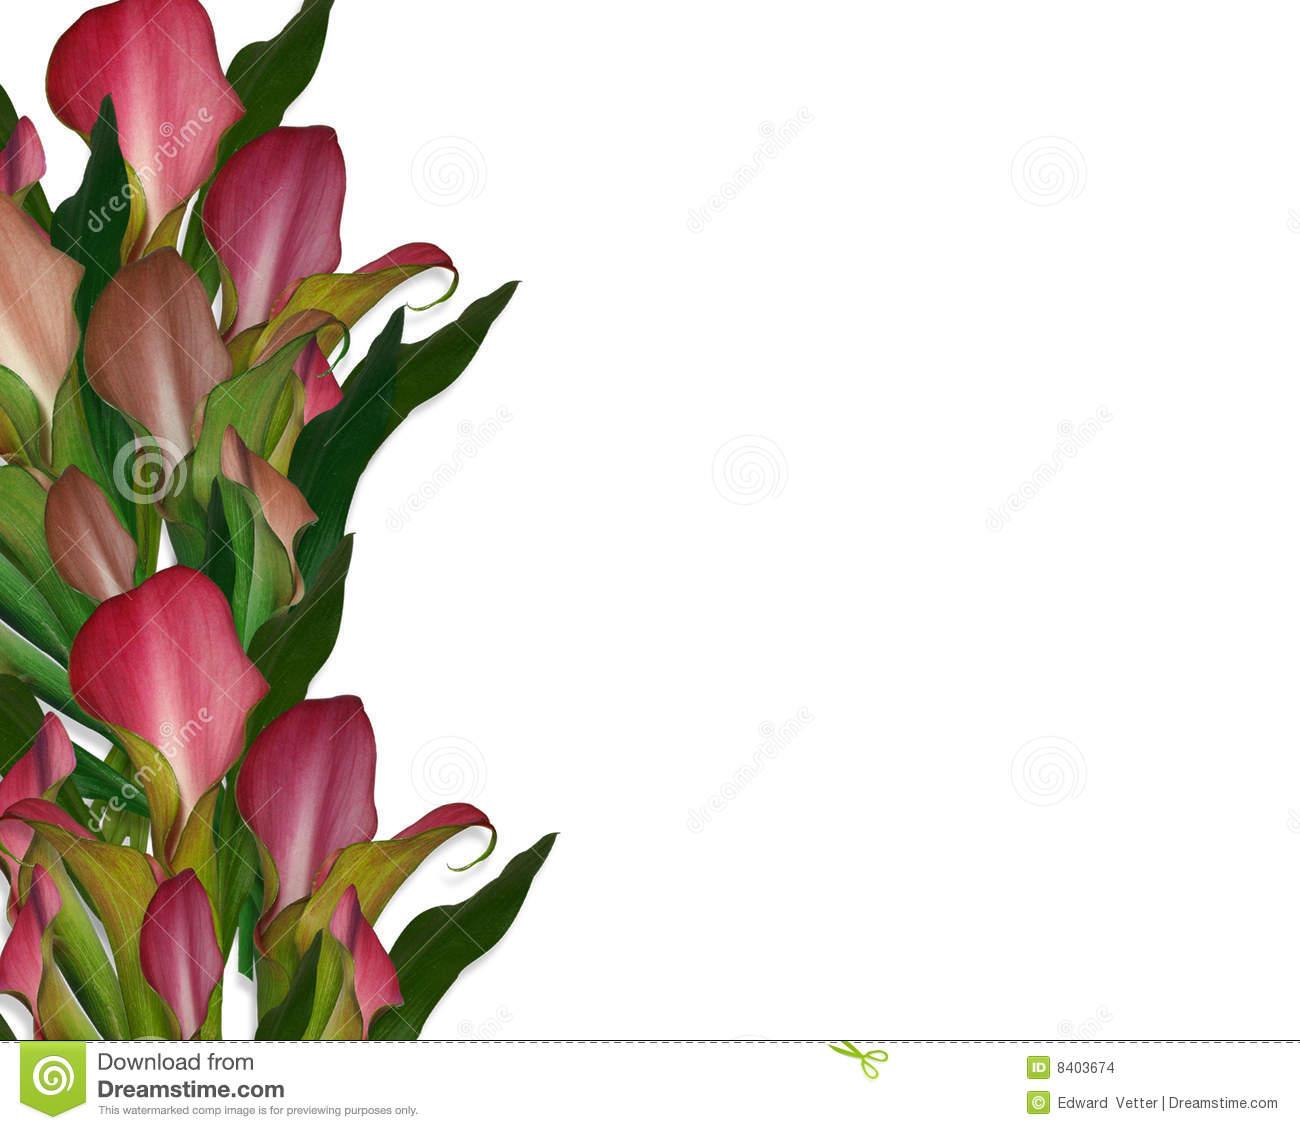 Download Calla Lily Clip Art Borders 1300x1130 47 Calla Lily